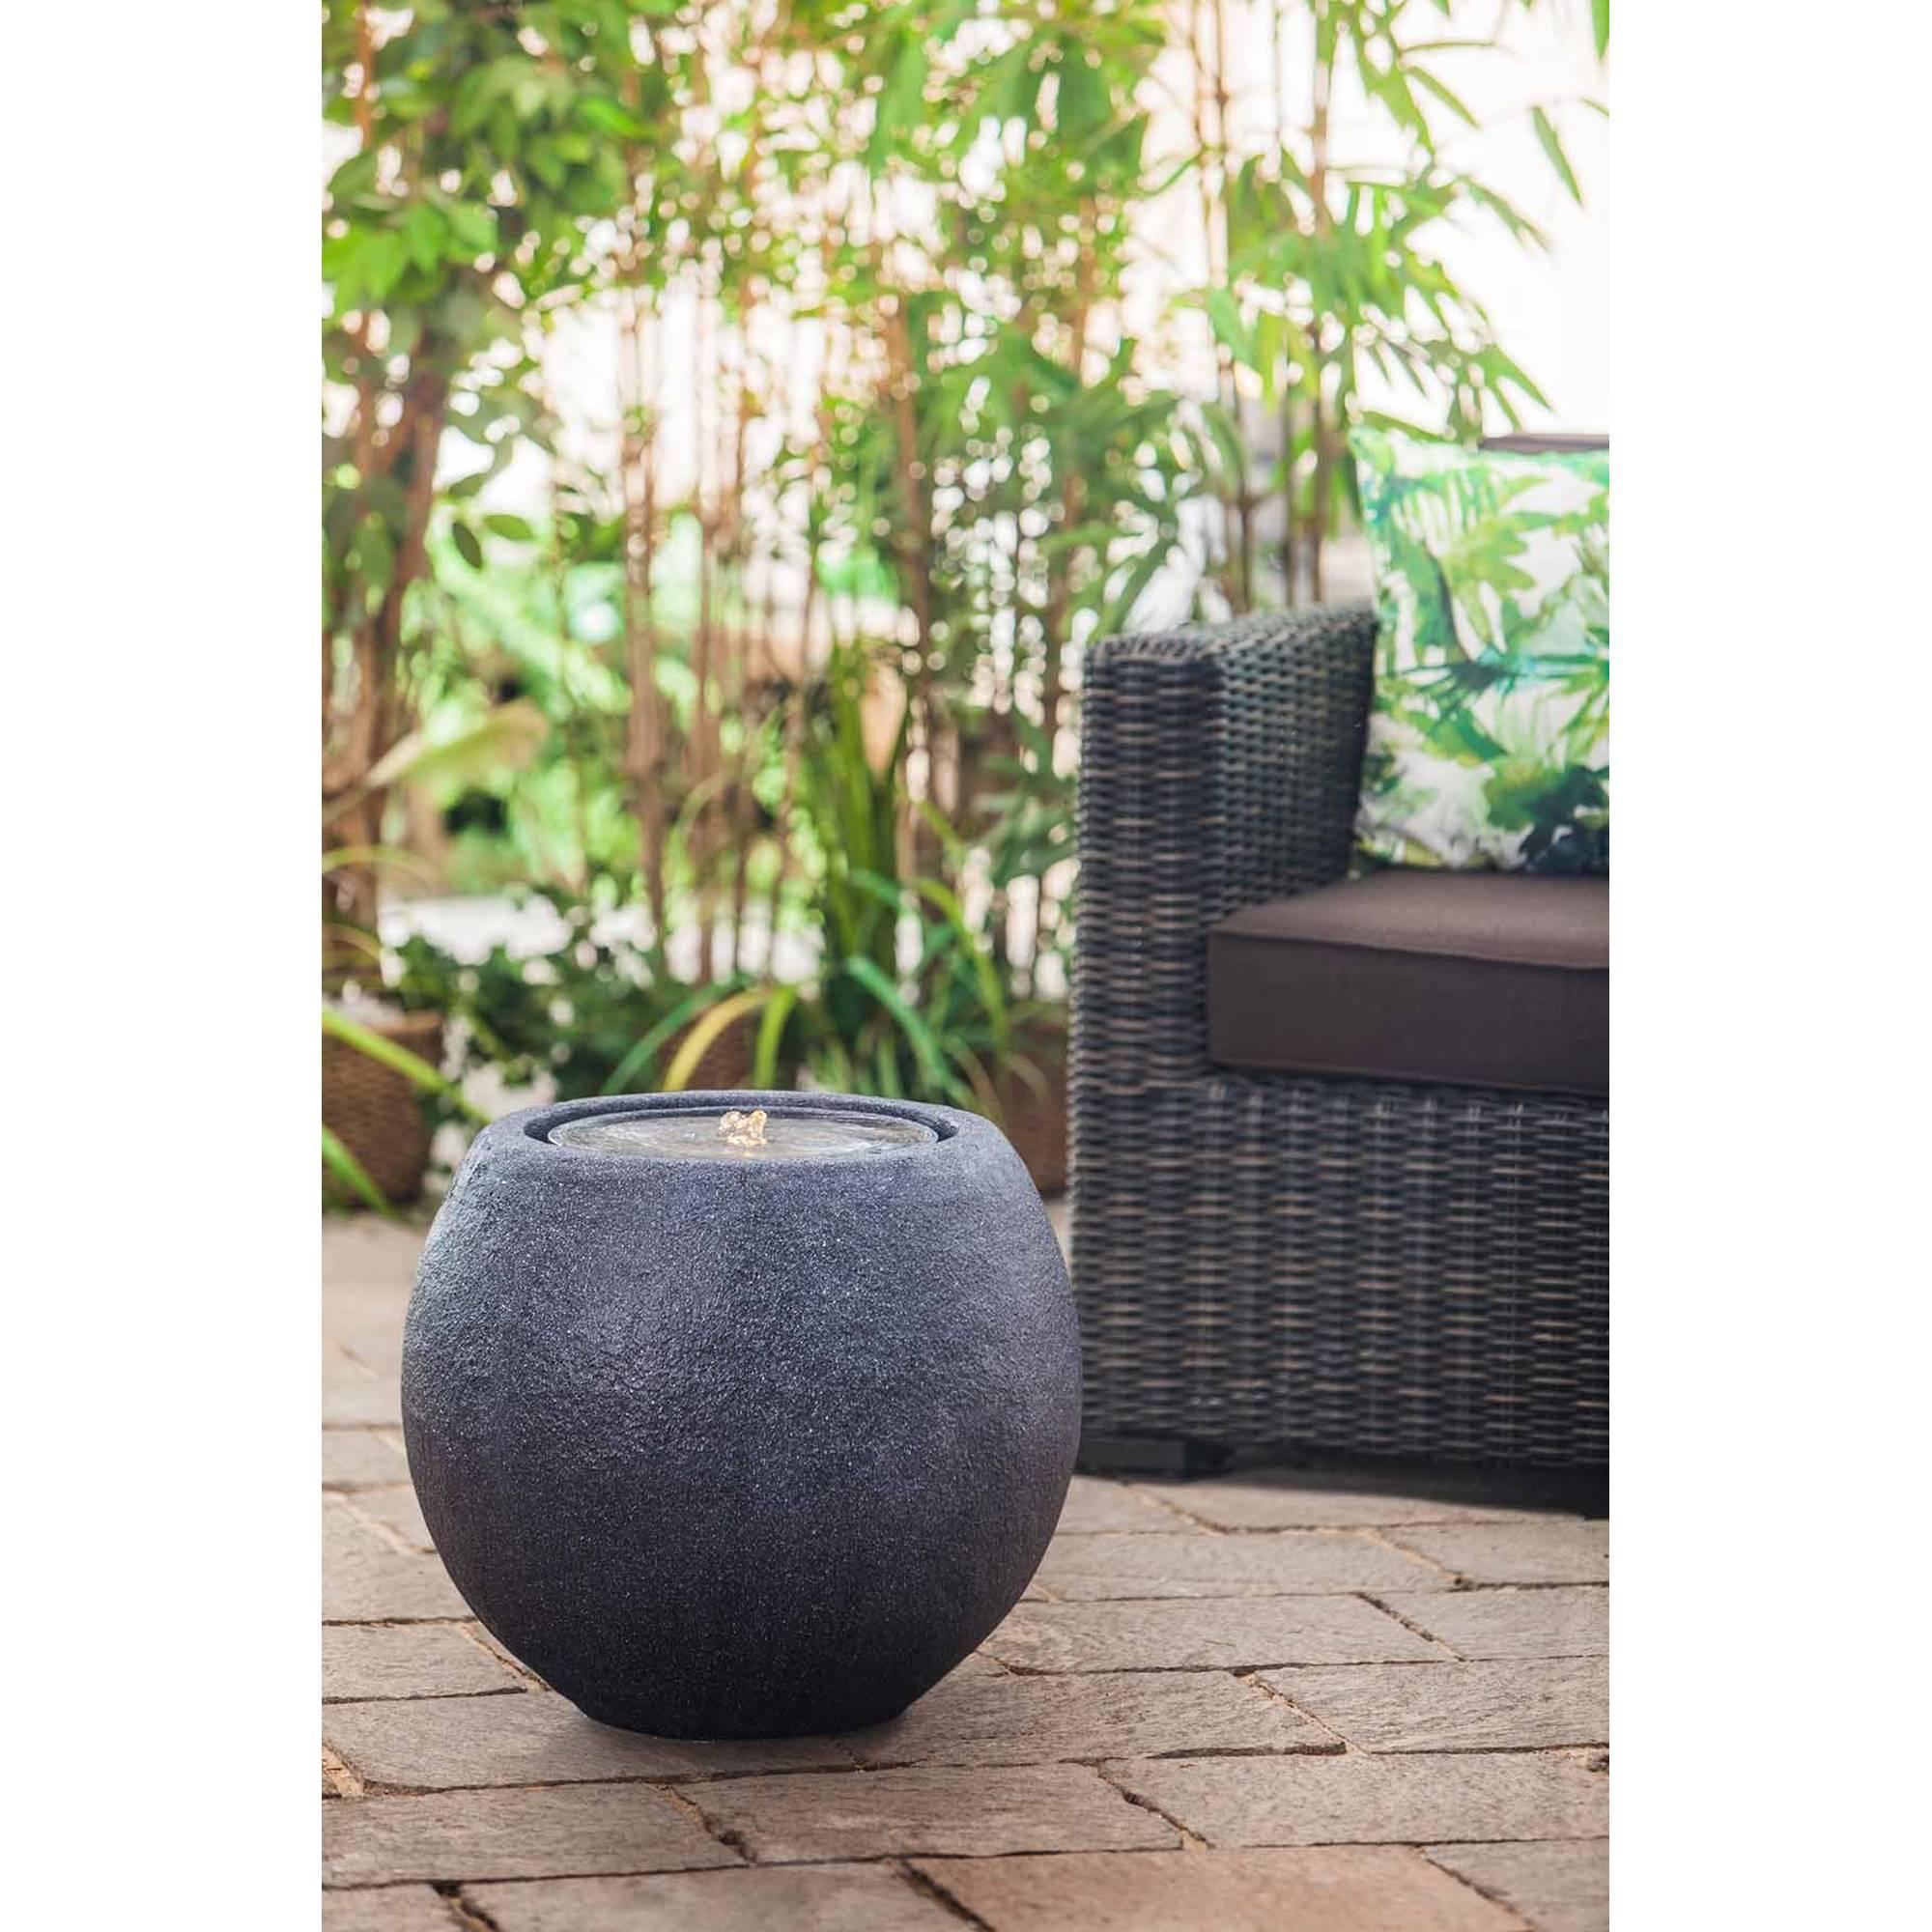 schwarzer runder Gartenbrunnen auf Steinterrasse vor Gartenstuhl